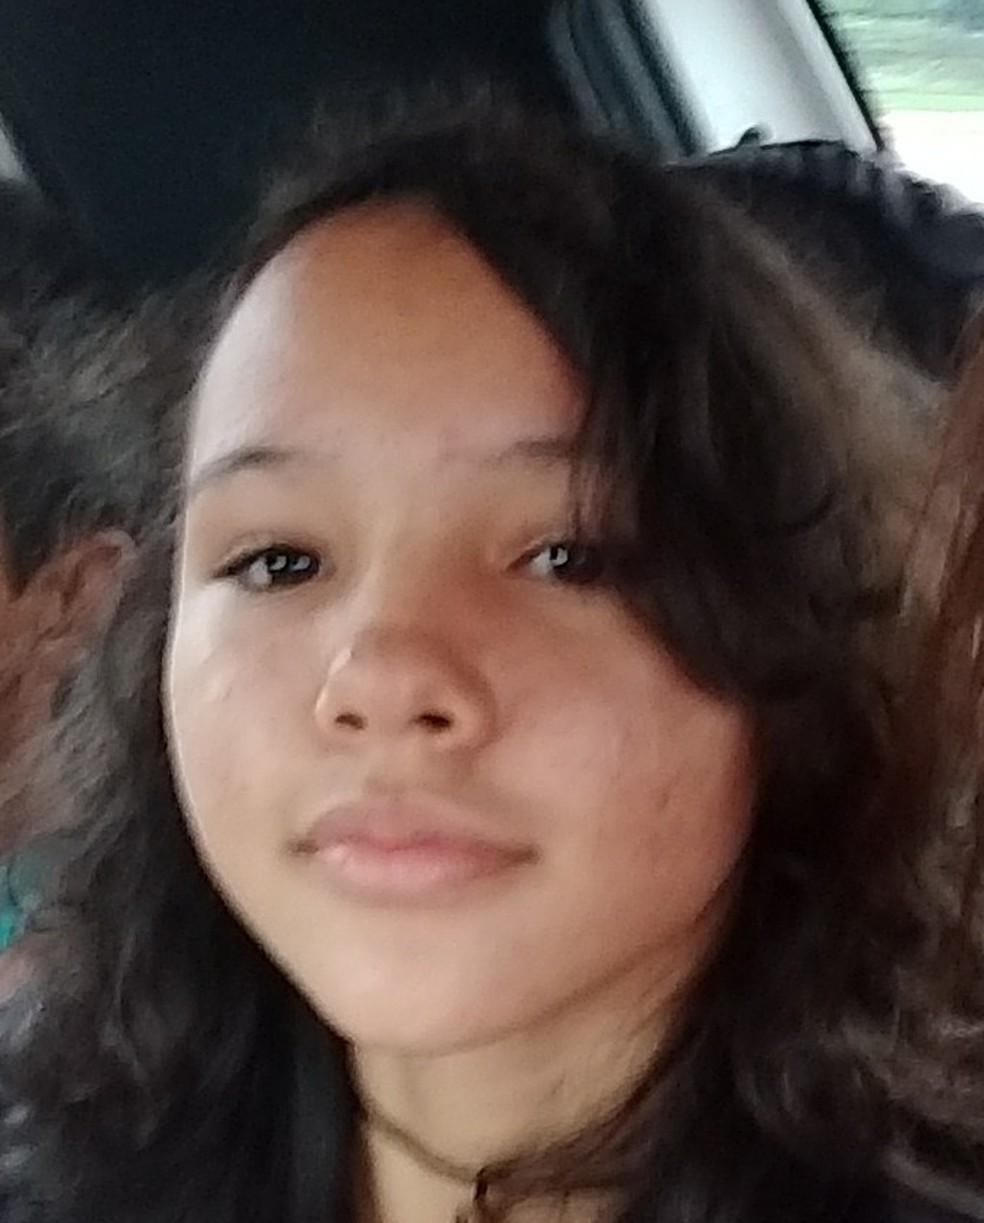 Vitória Eduarda de Souza Ferla está desaparecida desde 6 de novembro em Vilhena — Foto: Arquivo Pessoal